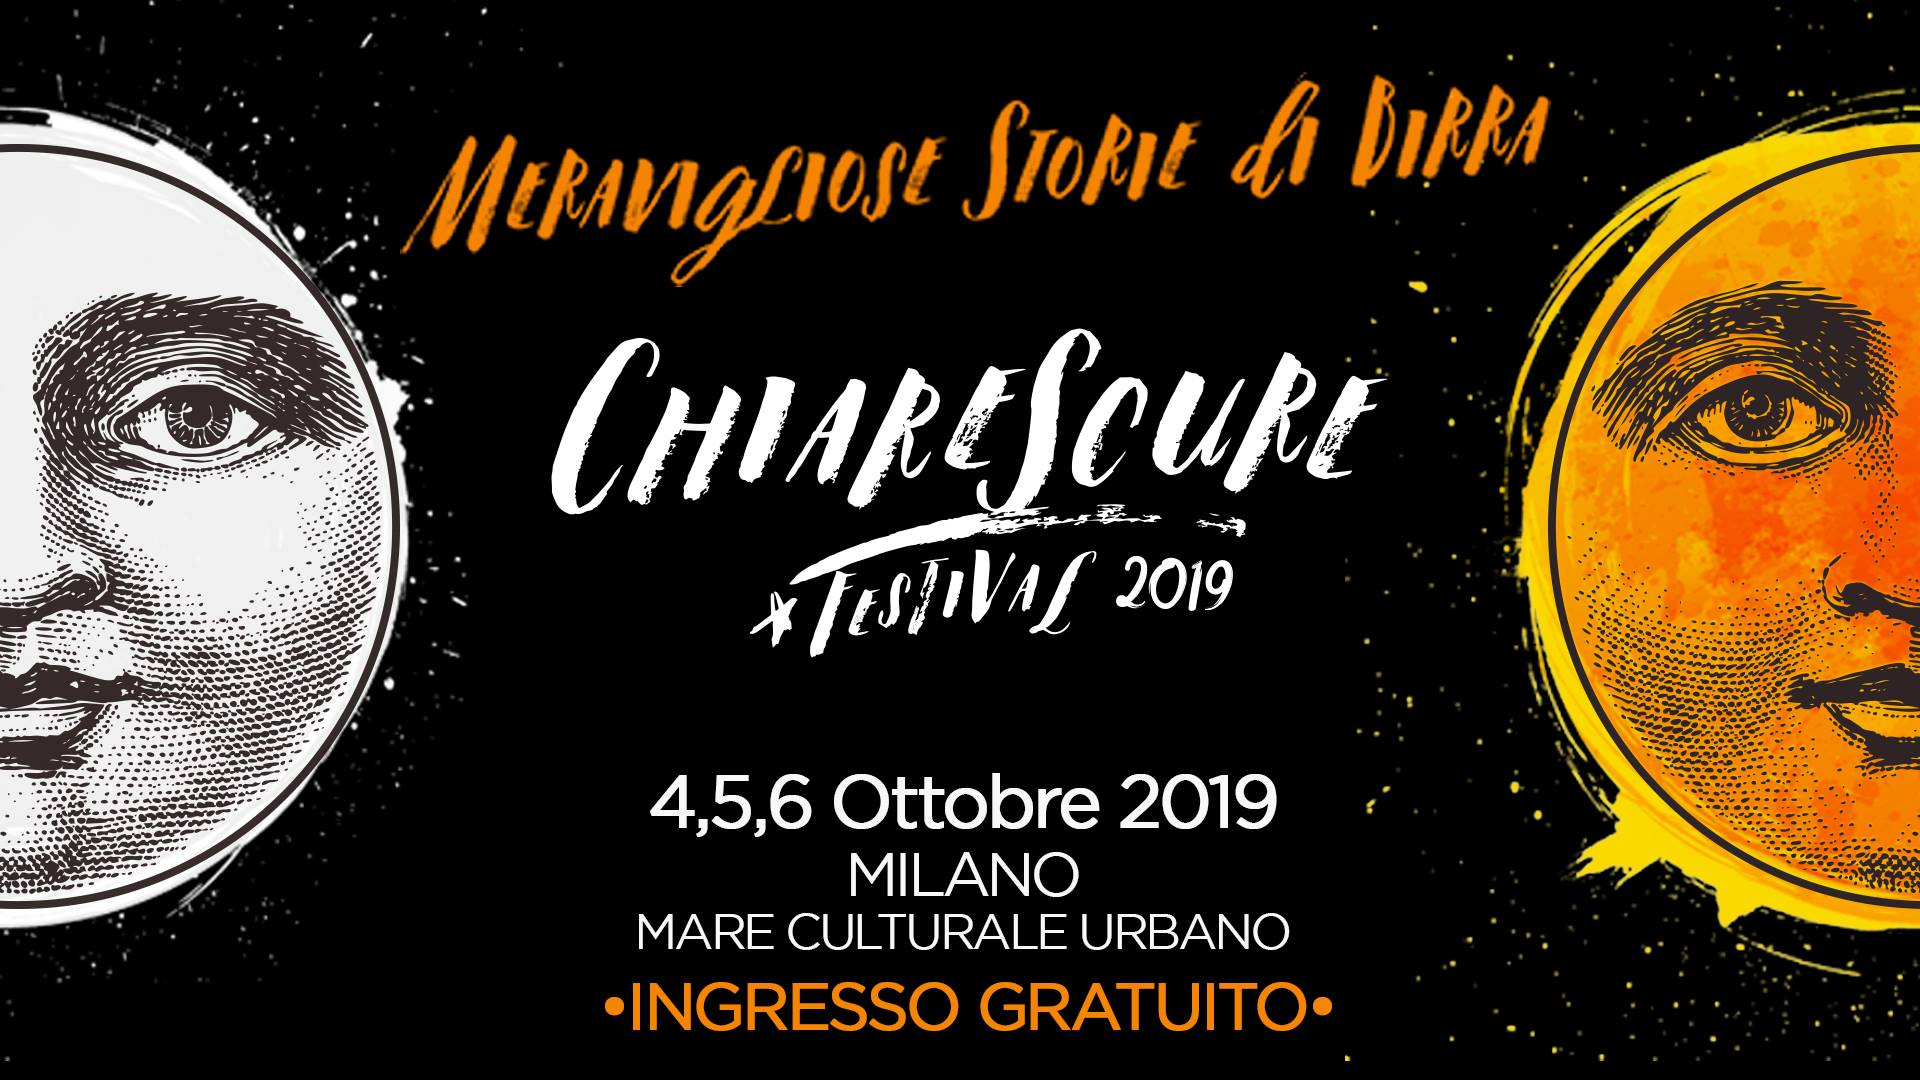 chiarescure festival 2019